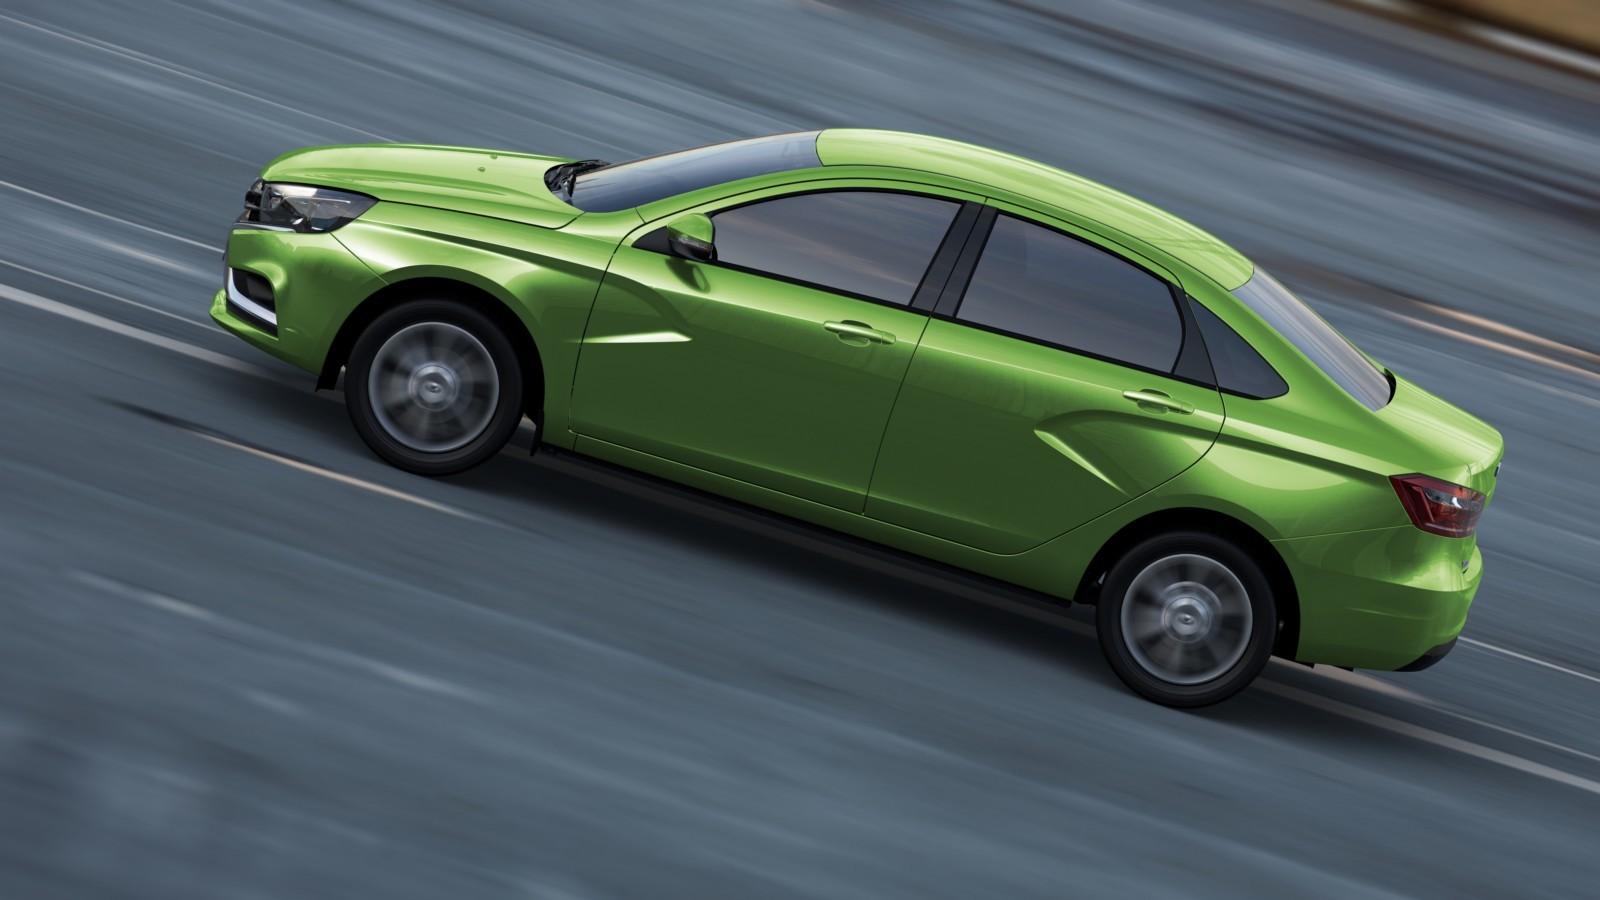 Лада Vesta получит 1,3-литровый турбированный мотор от Рено